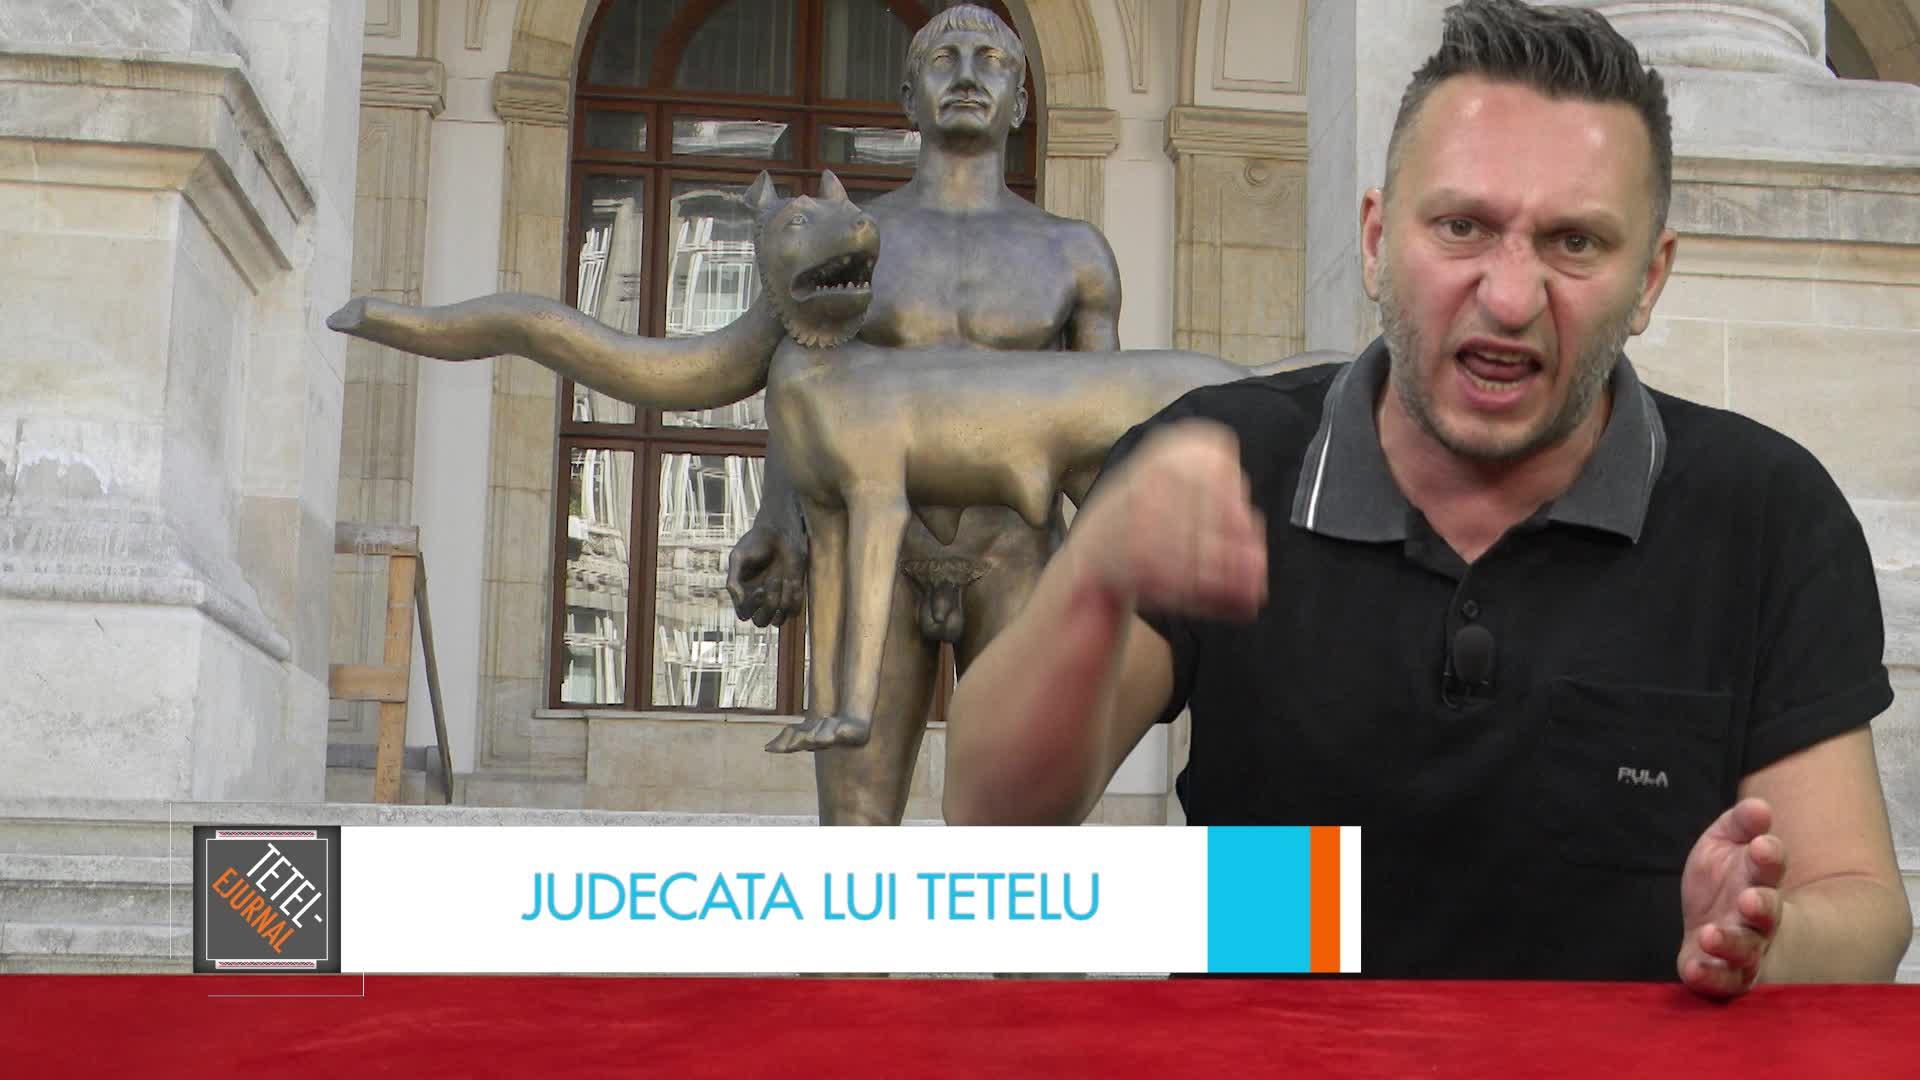 Judecata lui Tetelu: Singurul lucru care lipseşte Bucureştiului